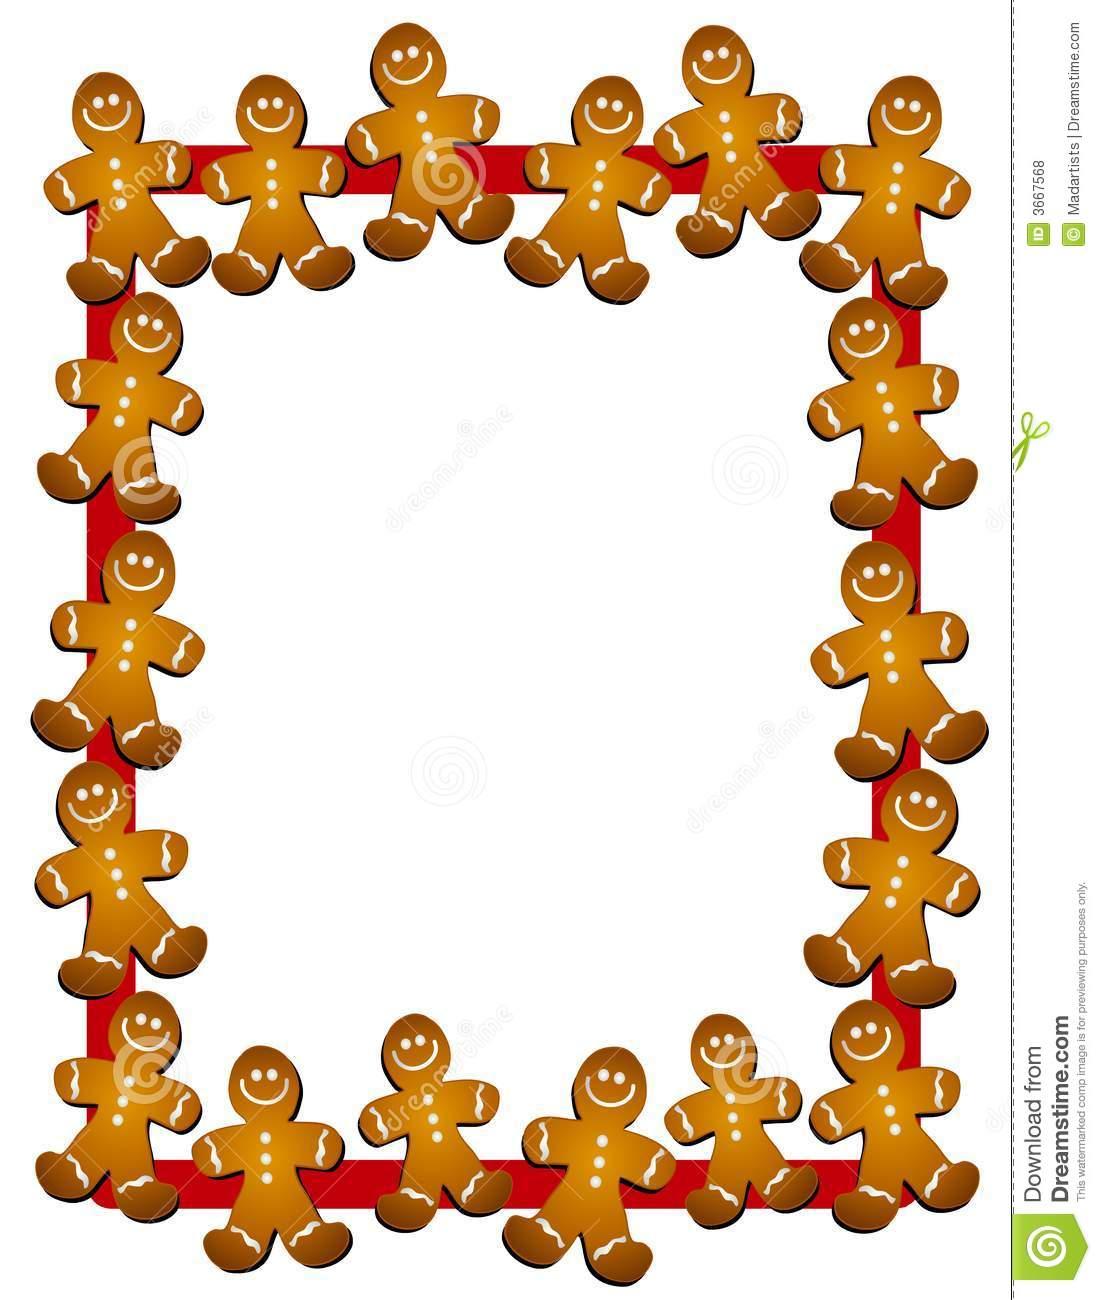 1101x1300 Clip Art Clip Art Of Gingerbread Man